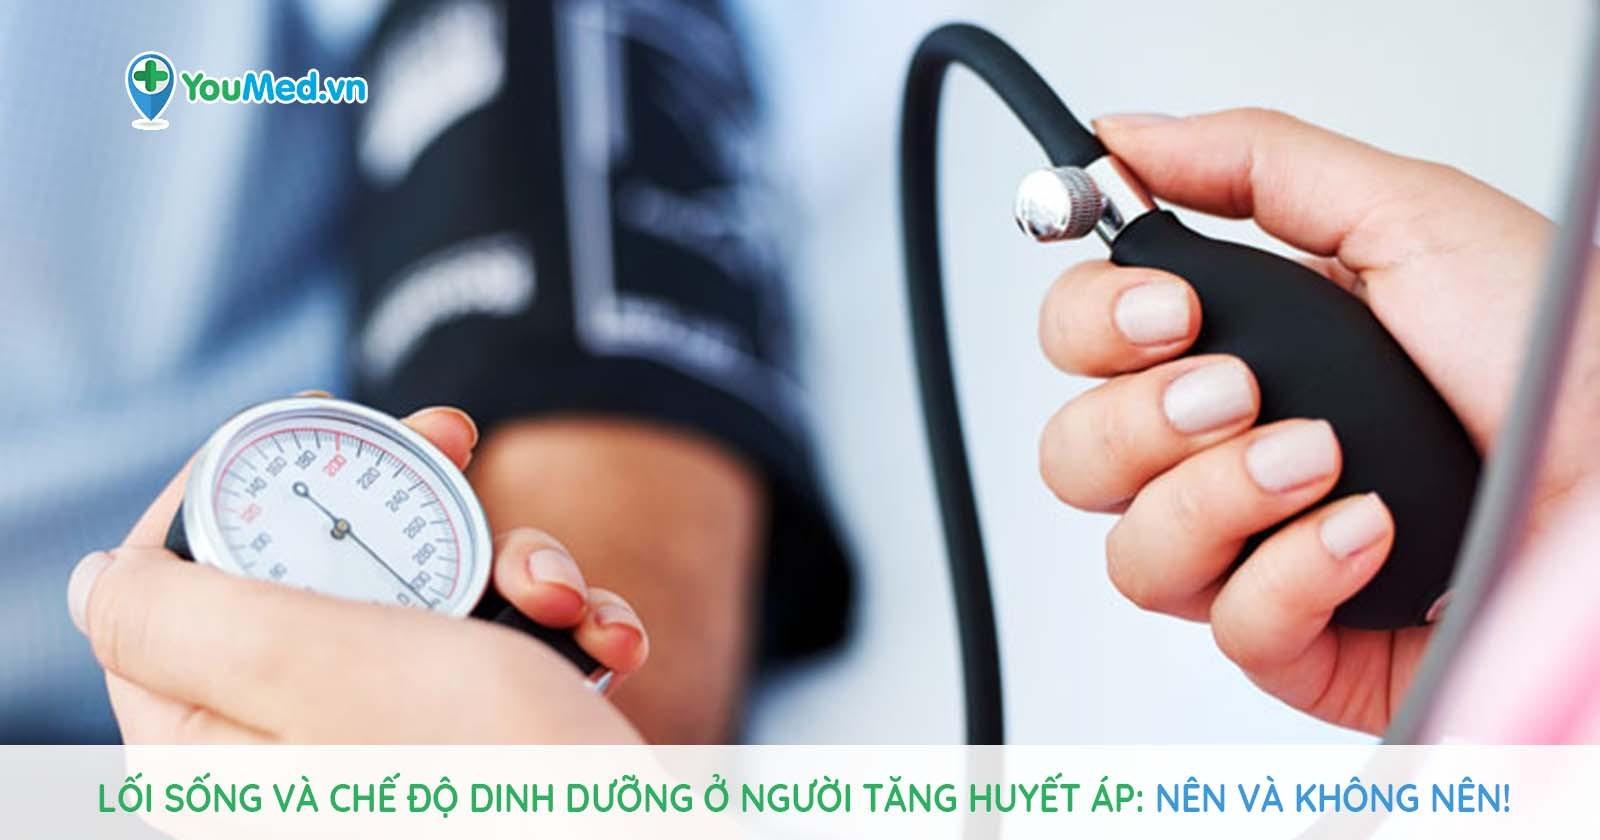 Lối sống và chế độ dinh dưỡng ở người tăng huyết áp: Nên và không nên!